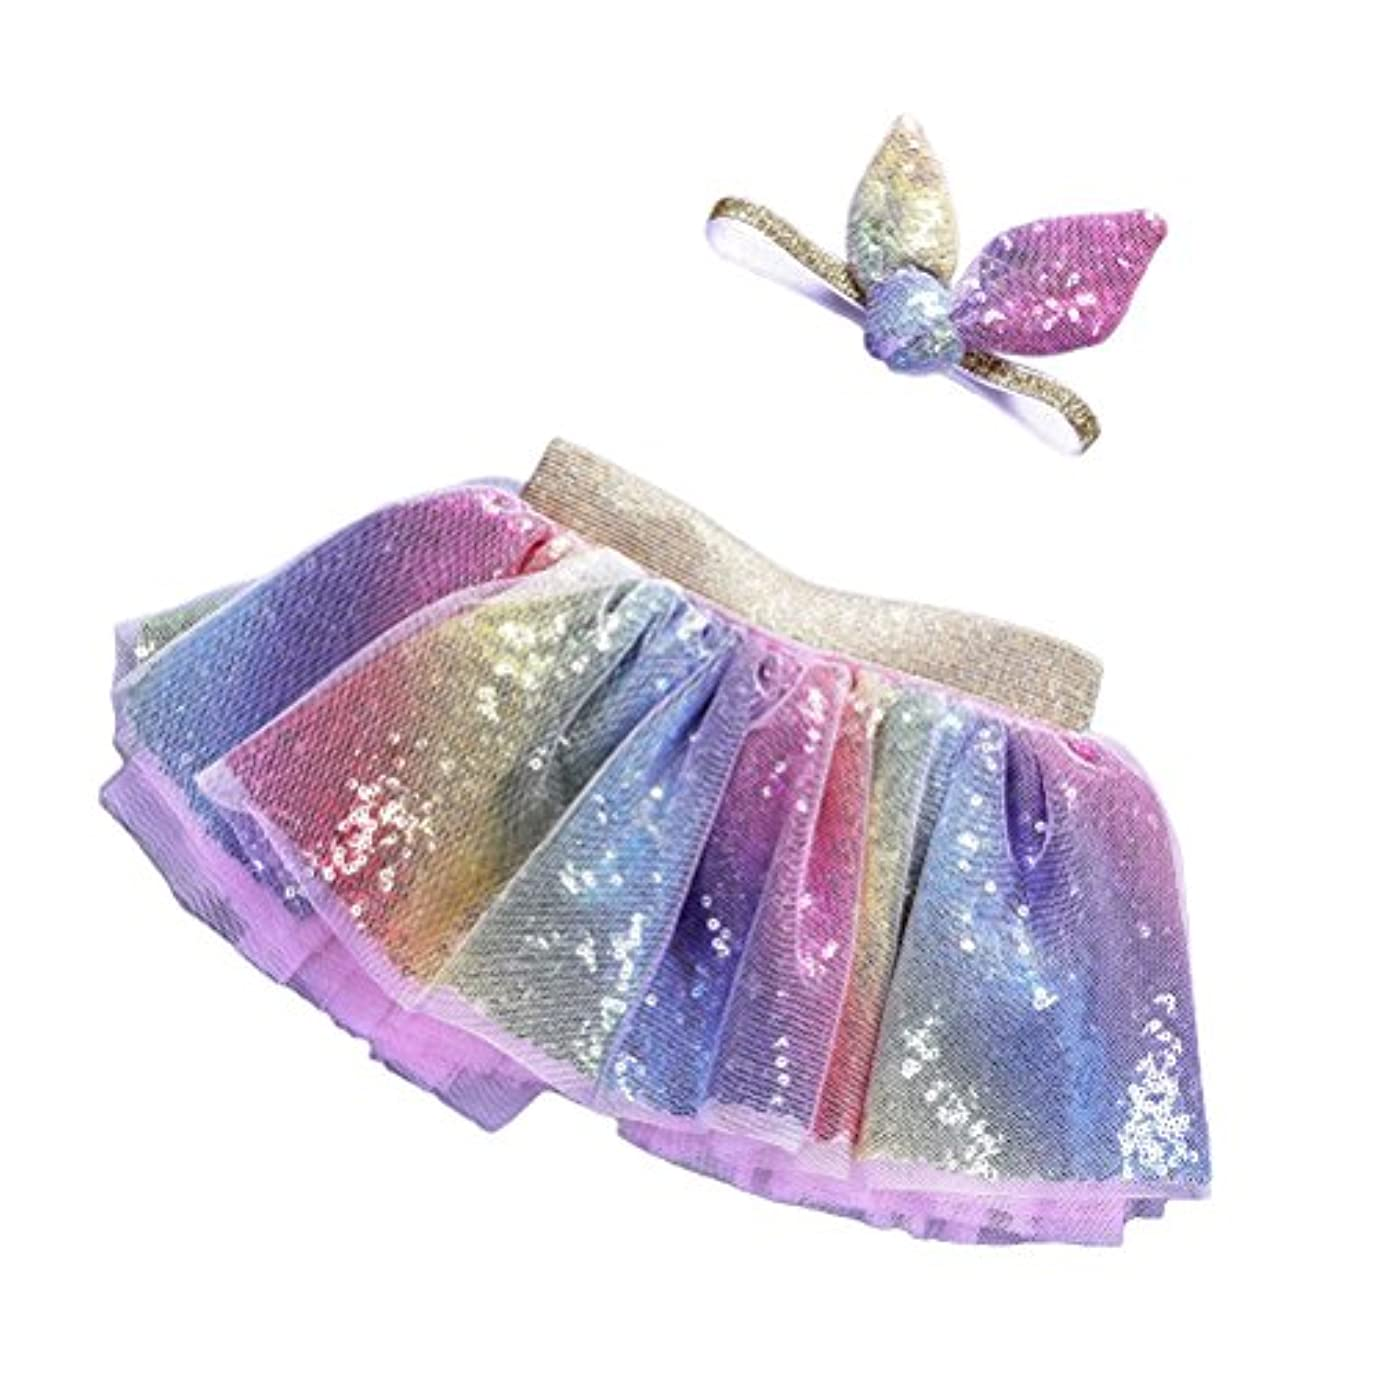 恵みスラッシュ昆虫を見るLUOEM 2PCSレインボーツツースカート(ヘッドバンド付き)プリンセスガールツツーの服装ベビーガールズ誕生日の服セットサイズM(2〜5歳)